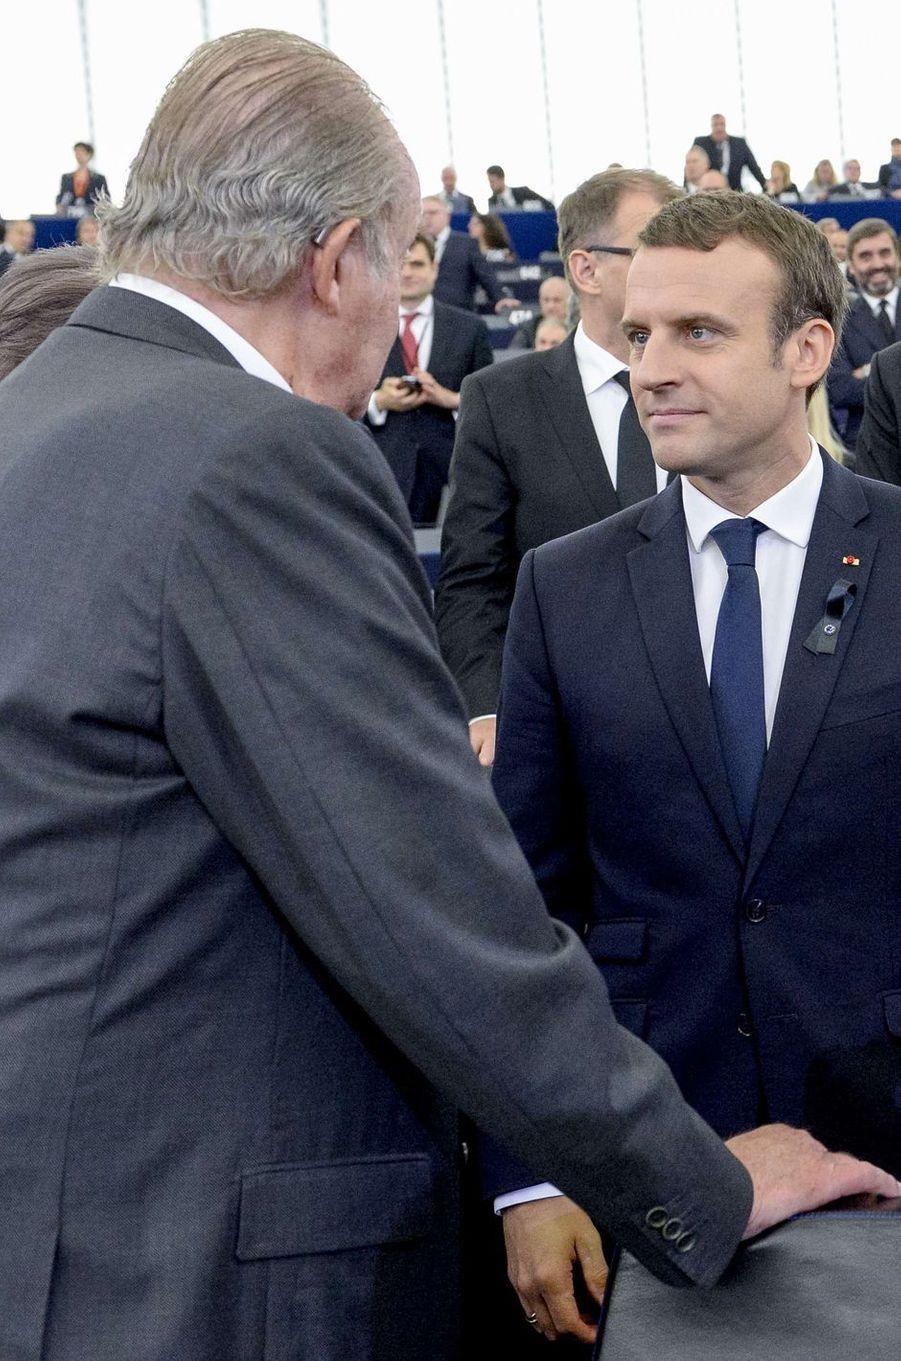 L'ancien roi Juan Carlos d'Espagne avec Emmanuel Macron à Strasbourg, le 1er juillet 2017